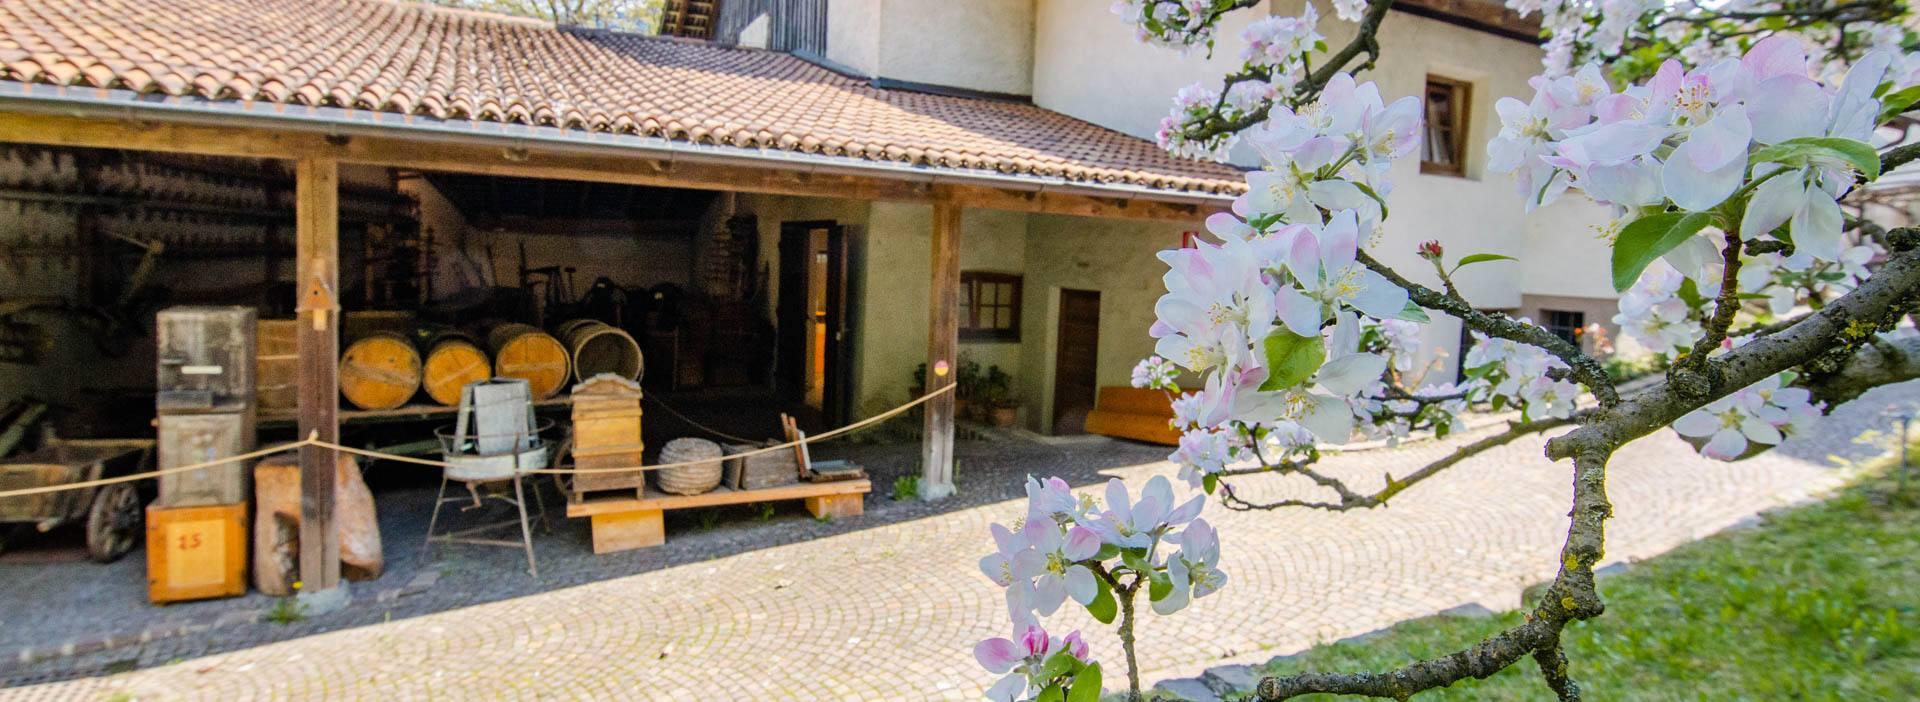 Museo della frutticoltura sudtirolese